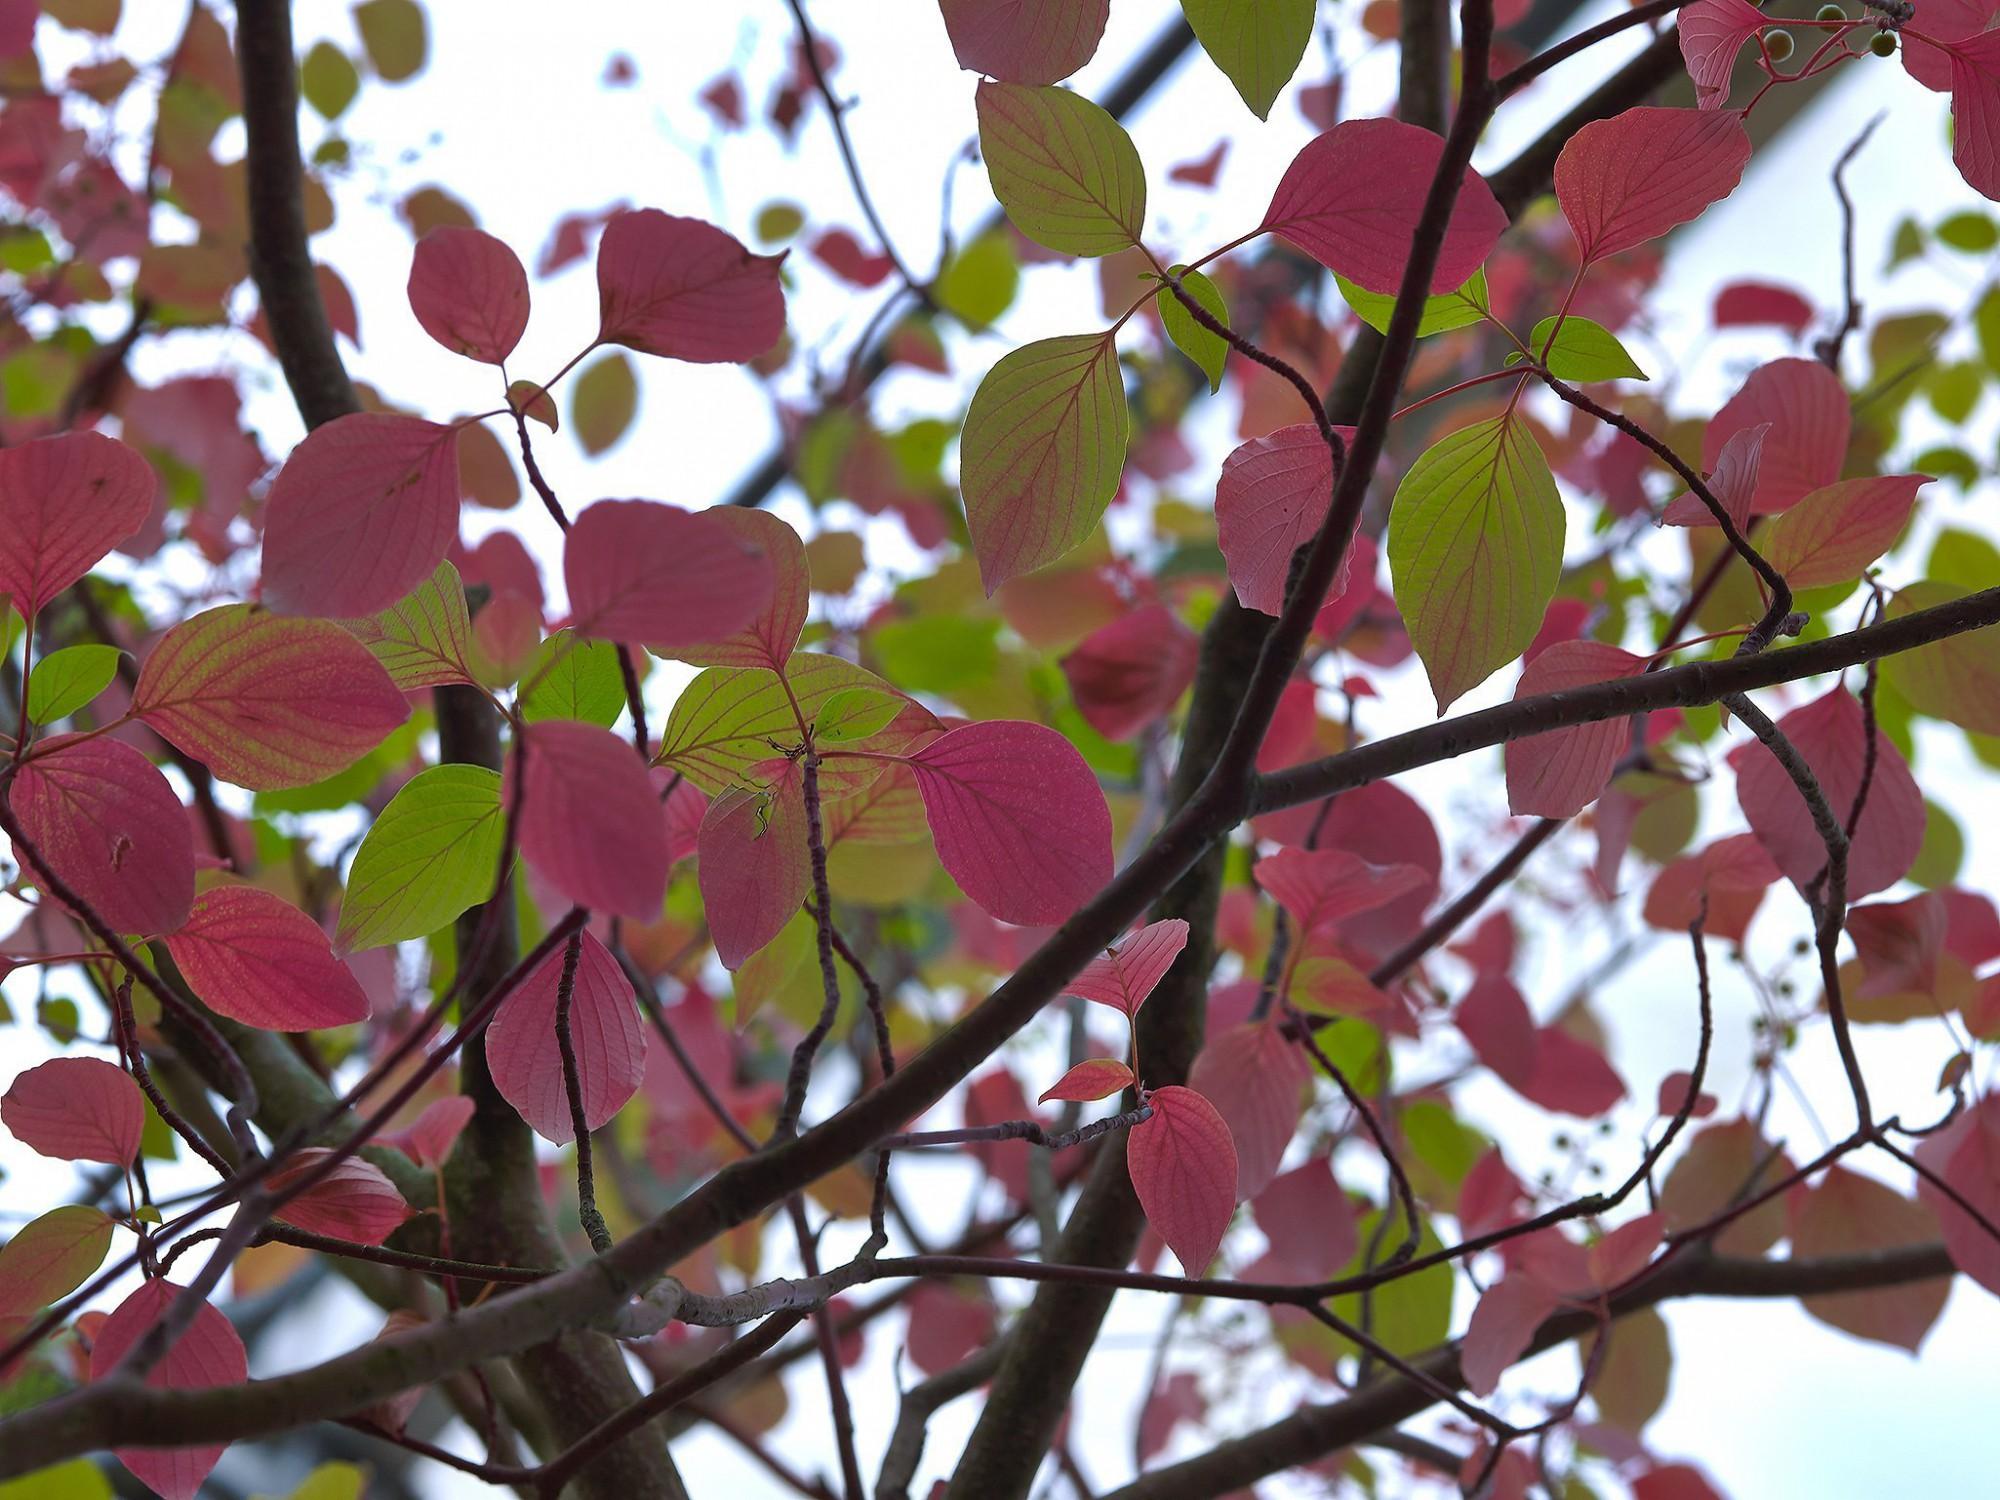 Afbeelding: Planten, struiken en bomen fotografie, foto Van Huffel.